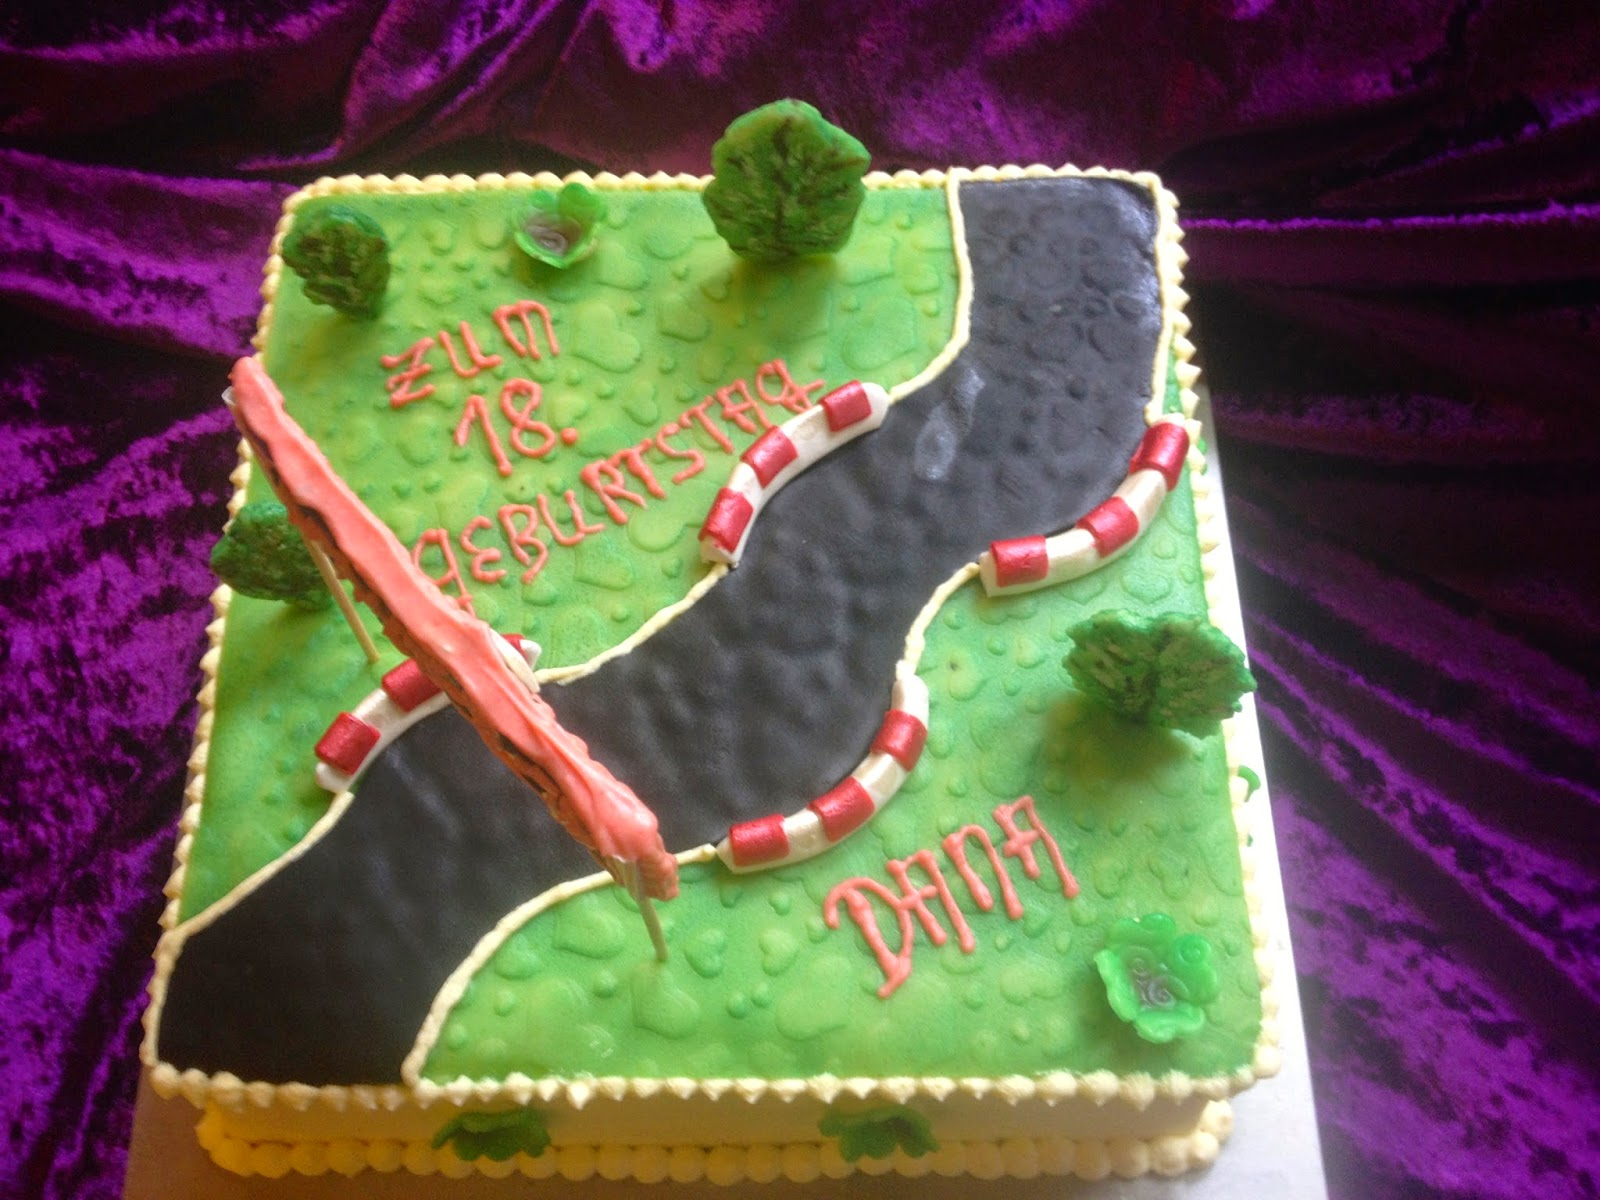 Der Tortenmacher Gladbeck Endlich 18 Geburtstagstorte